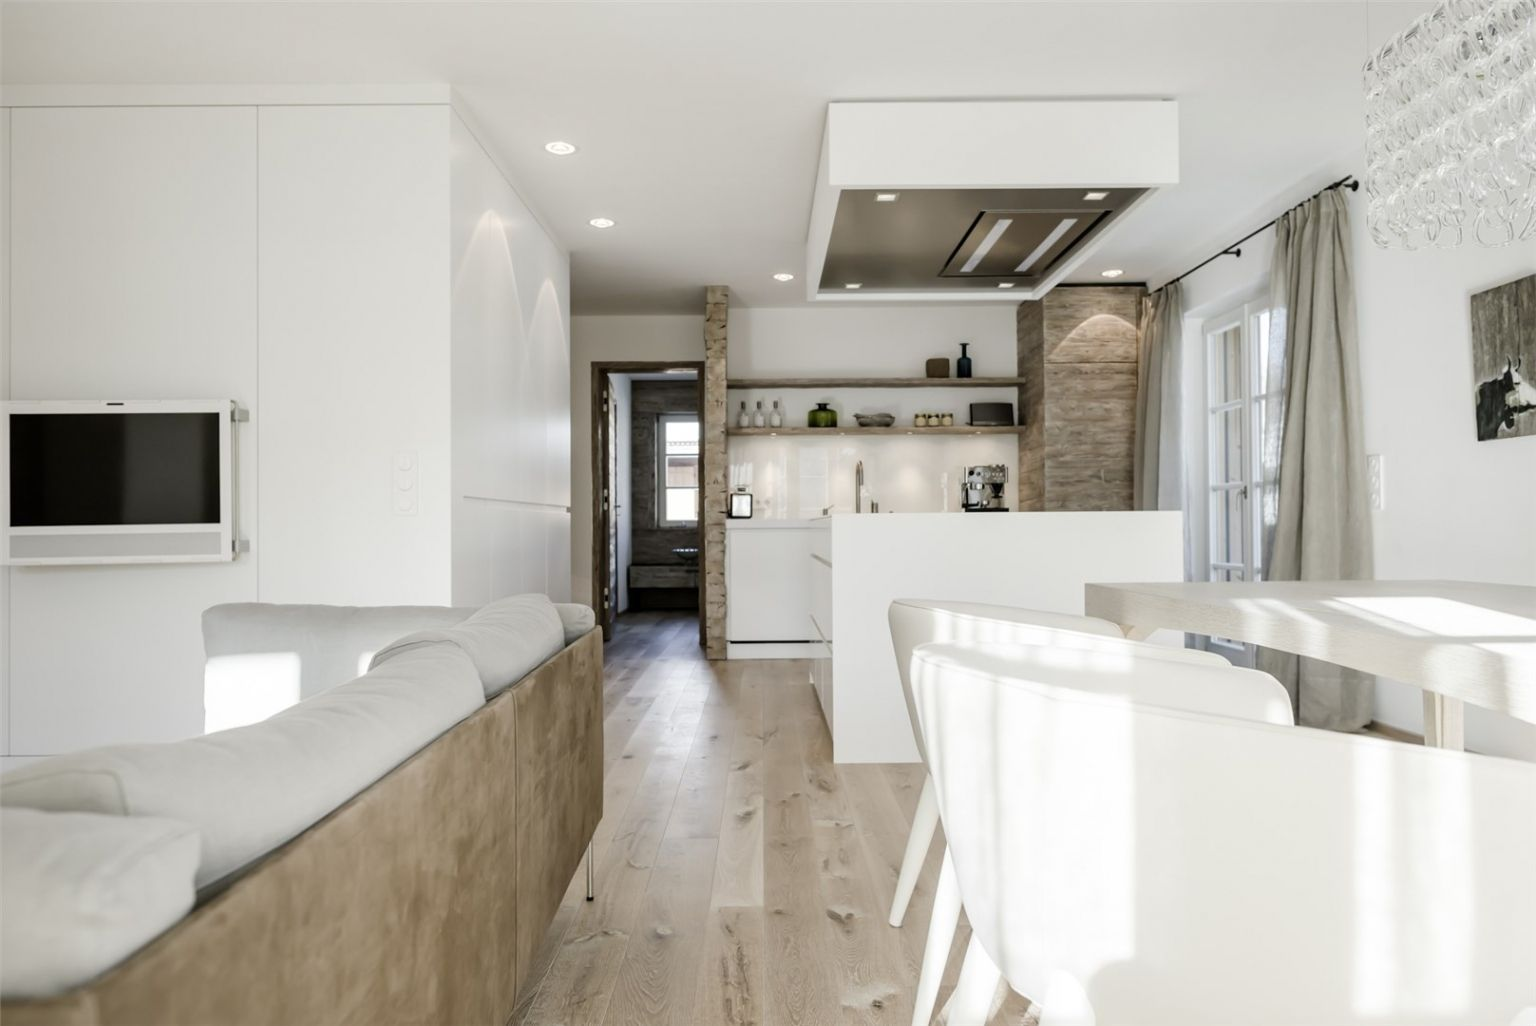 neu wohnzimmer offene k che wohnzimmer ideen in 2018 pinterest offene k che wohnzimmer. Black Bedroom Furniture Sets. Home Design Ideas